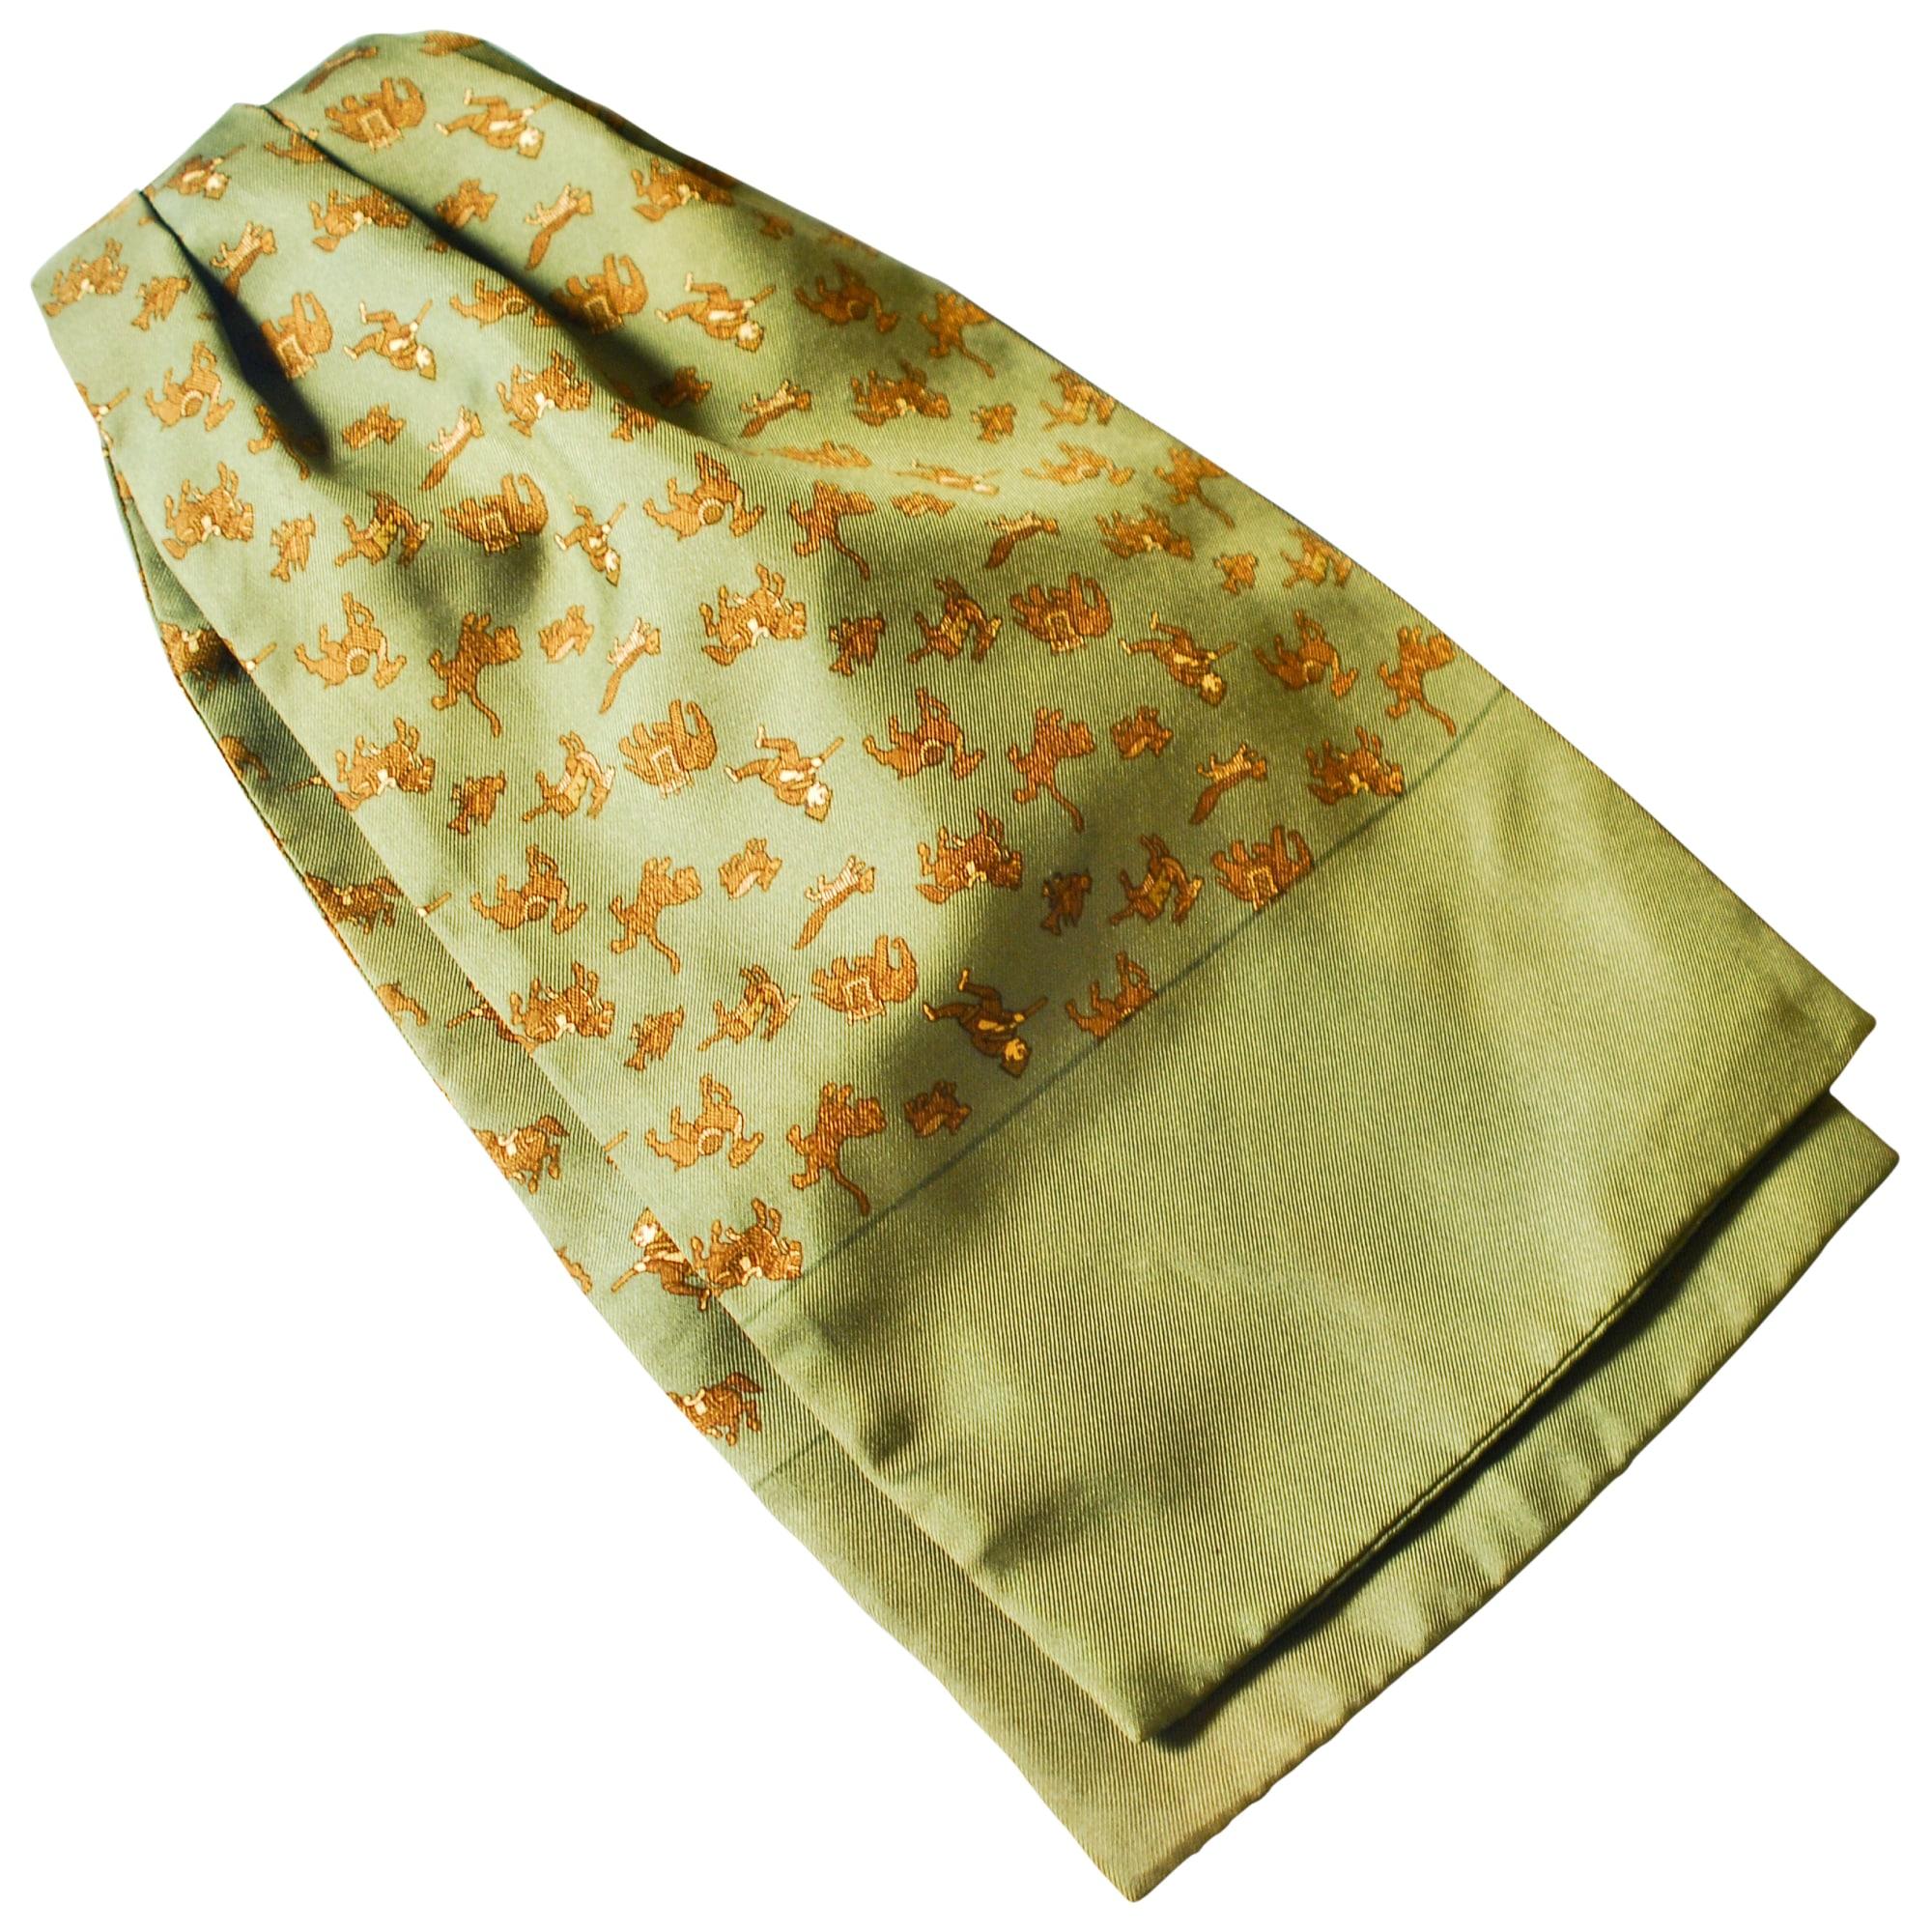 1bfa28e6a8e Cravate HERMÈS vert vendu par Laurent 7126970 - 3905917